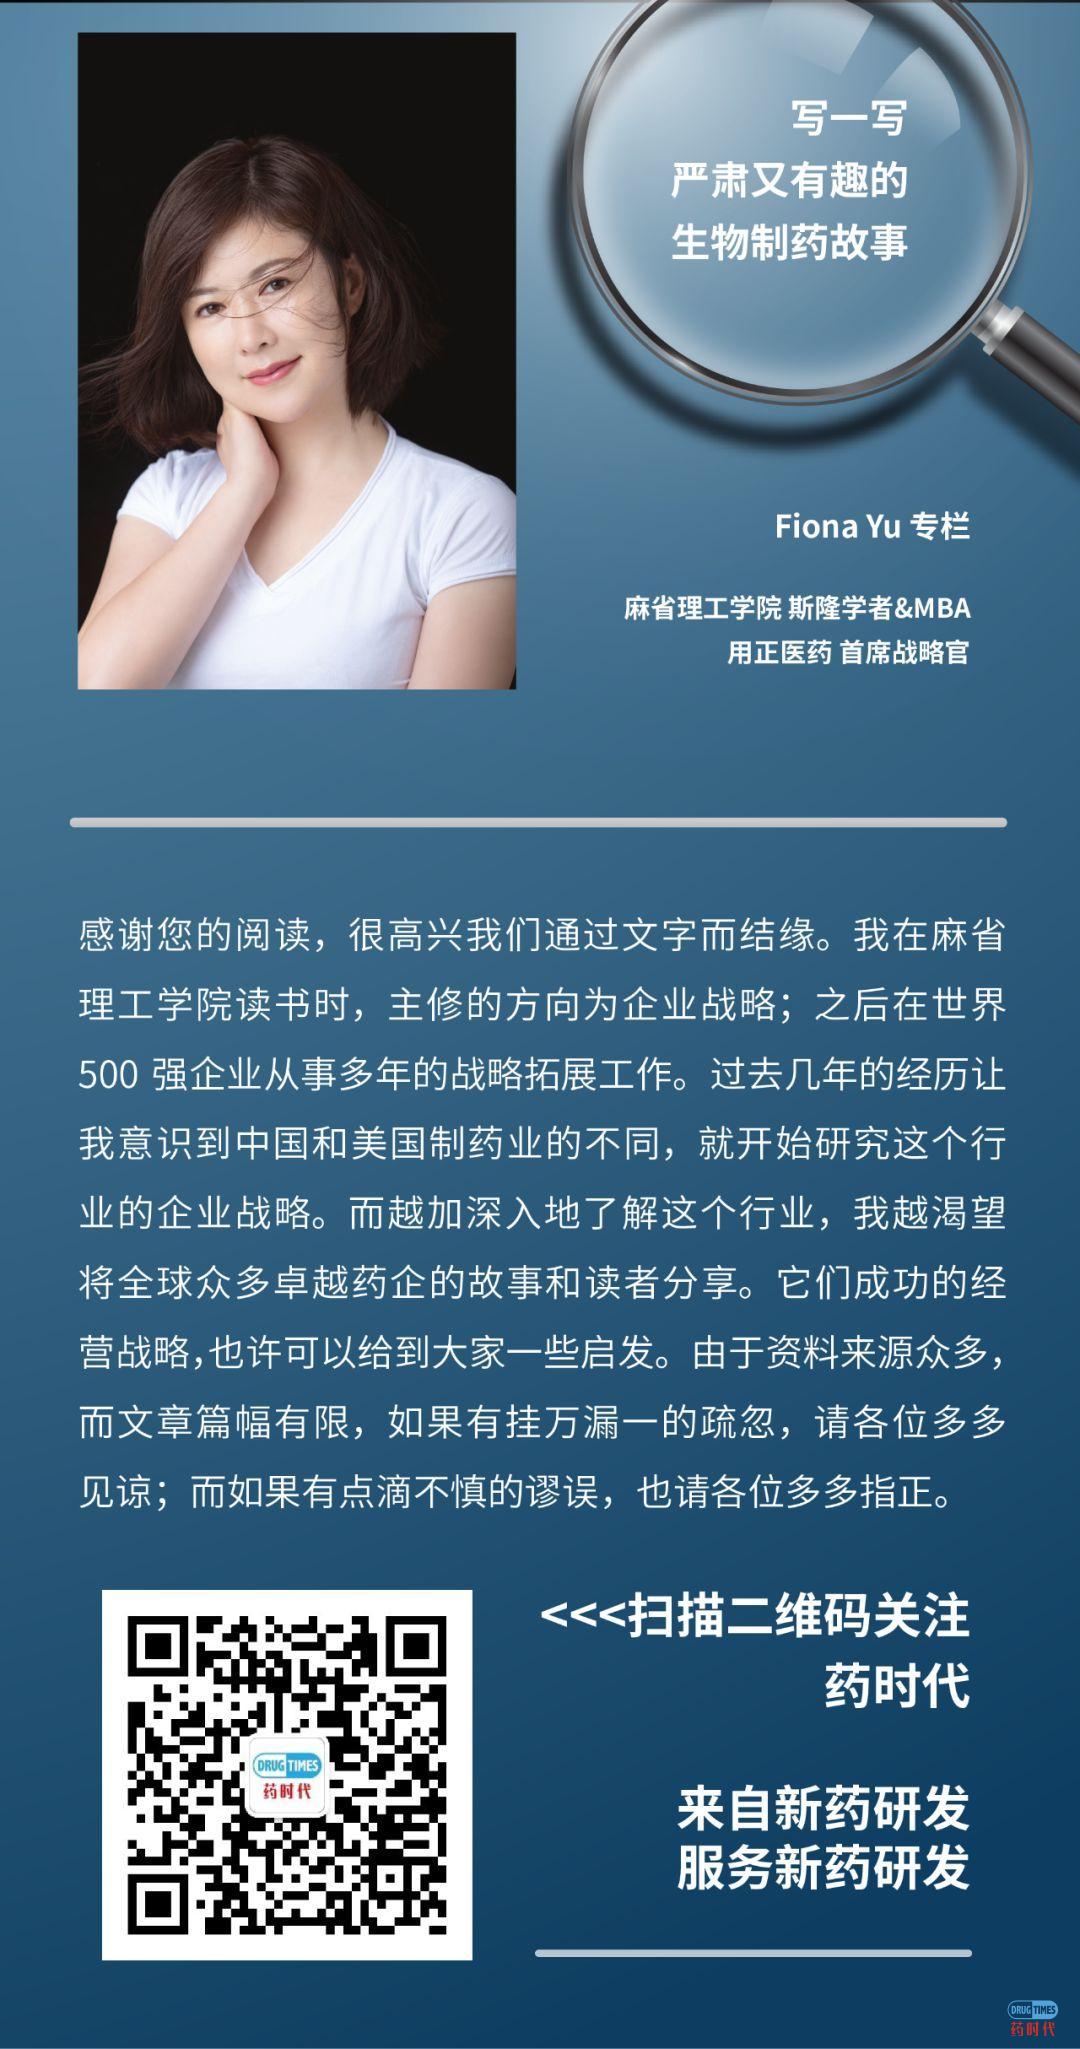 Fiona Yu专栏 | 鲸吞艾尔健,力推克力芝,后新冠时代的艾伯维招招精狠!